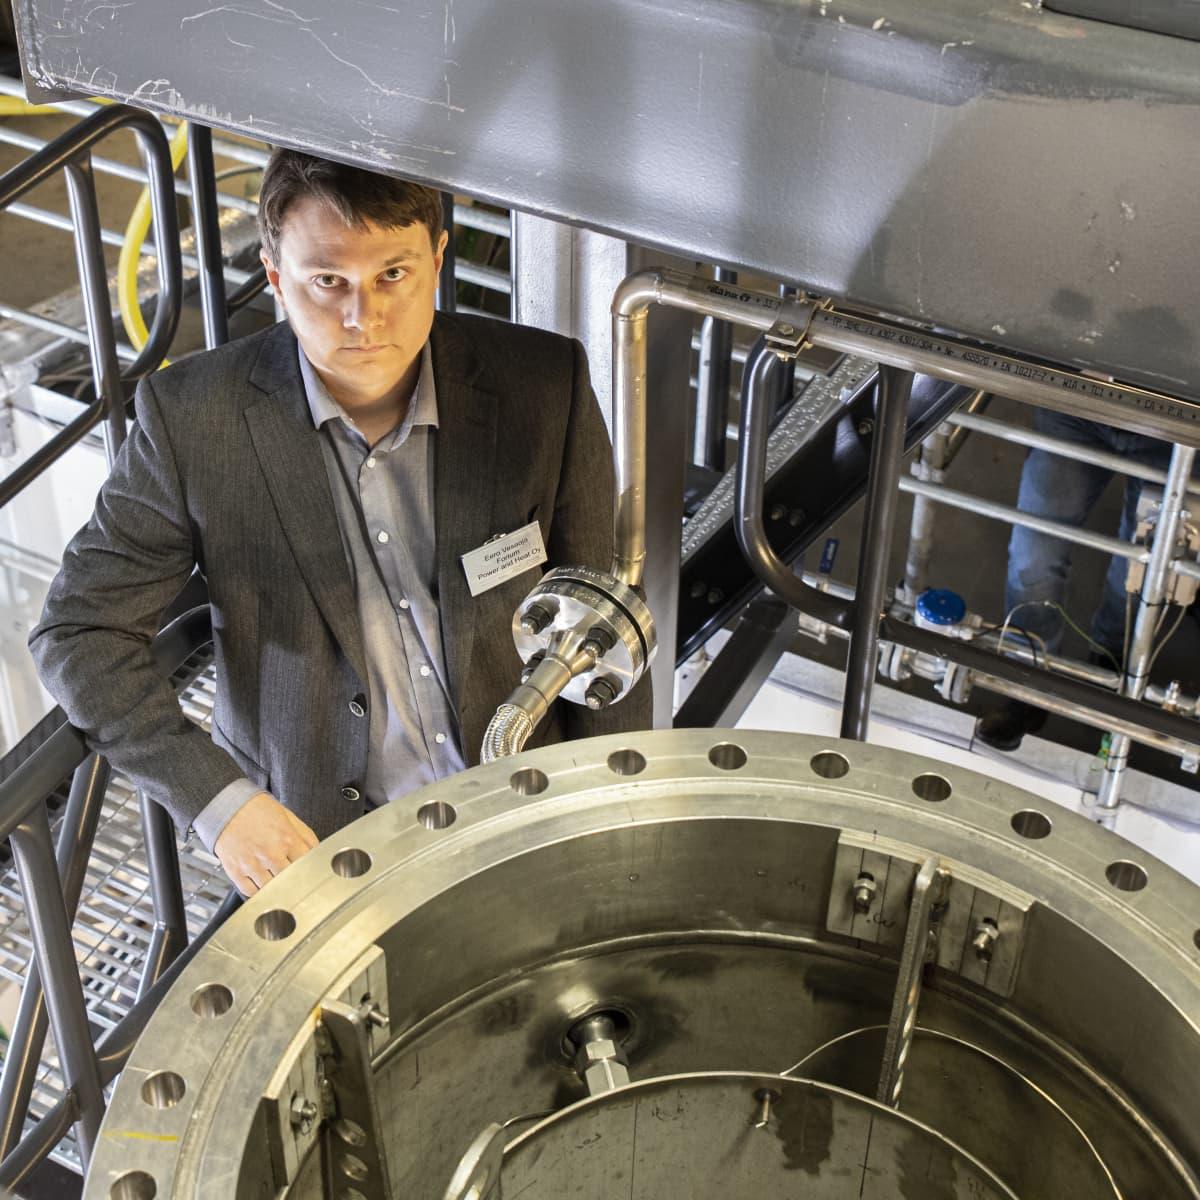 Fortumin ydinvoimatutkimuksen ja tuetokehittelyn päällikkö Eero Vesaoja uskoo, että pienydinvoimaloita on käytössä kymmenen vuoden kuluttua.